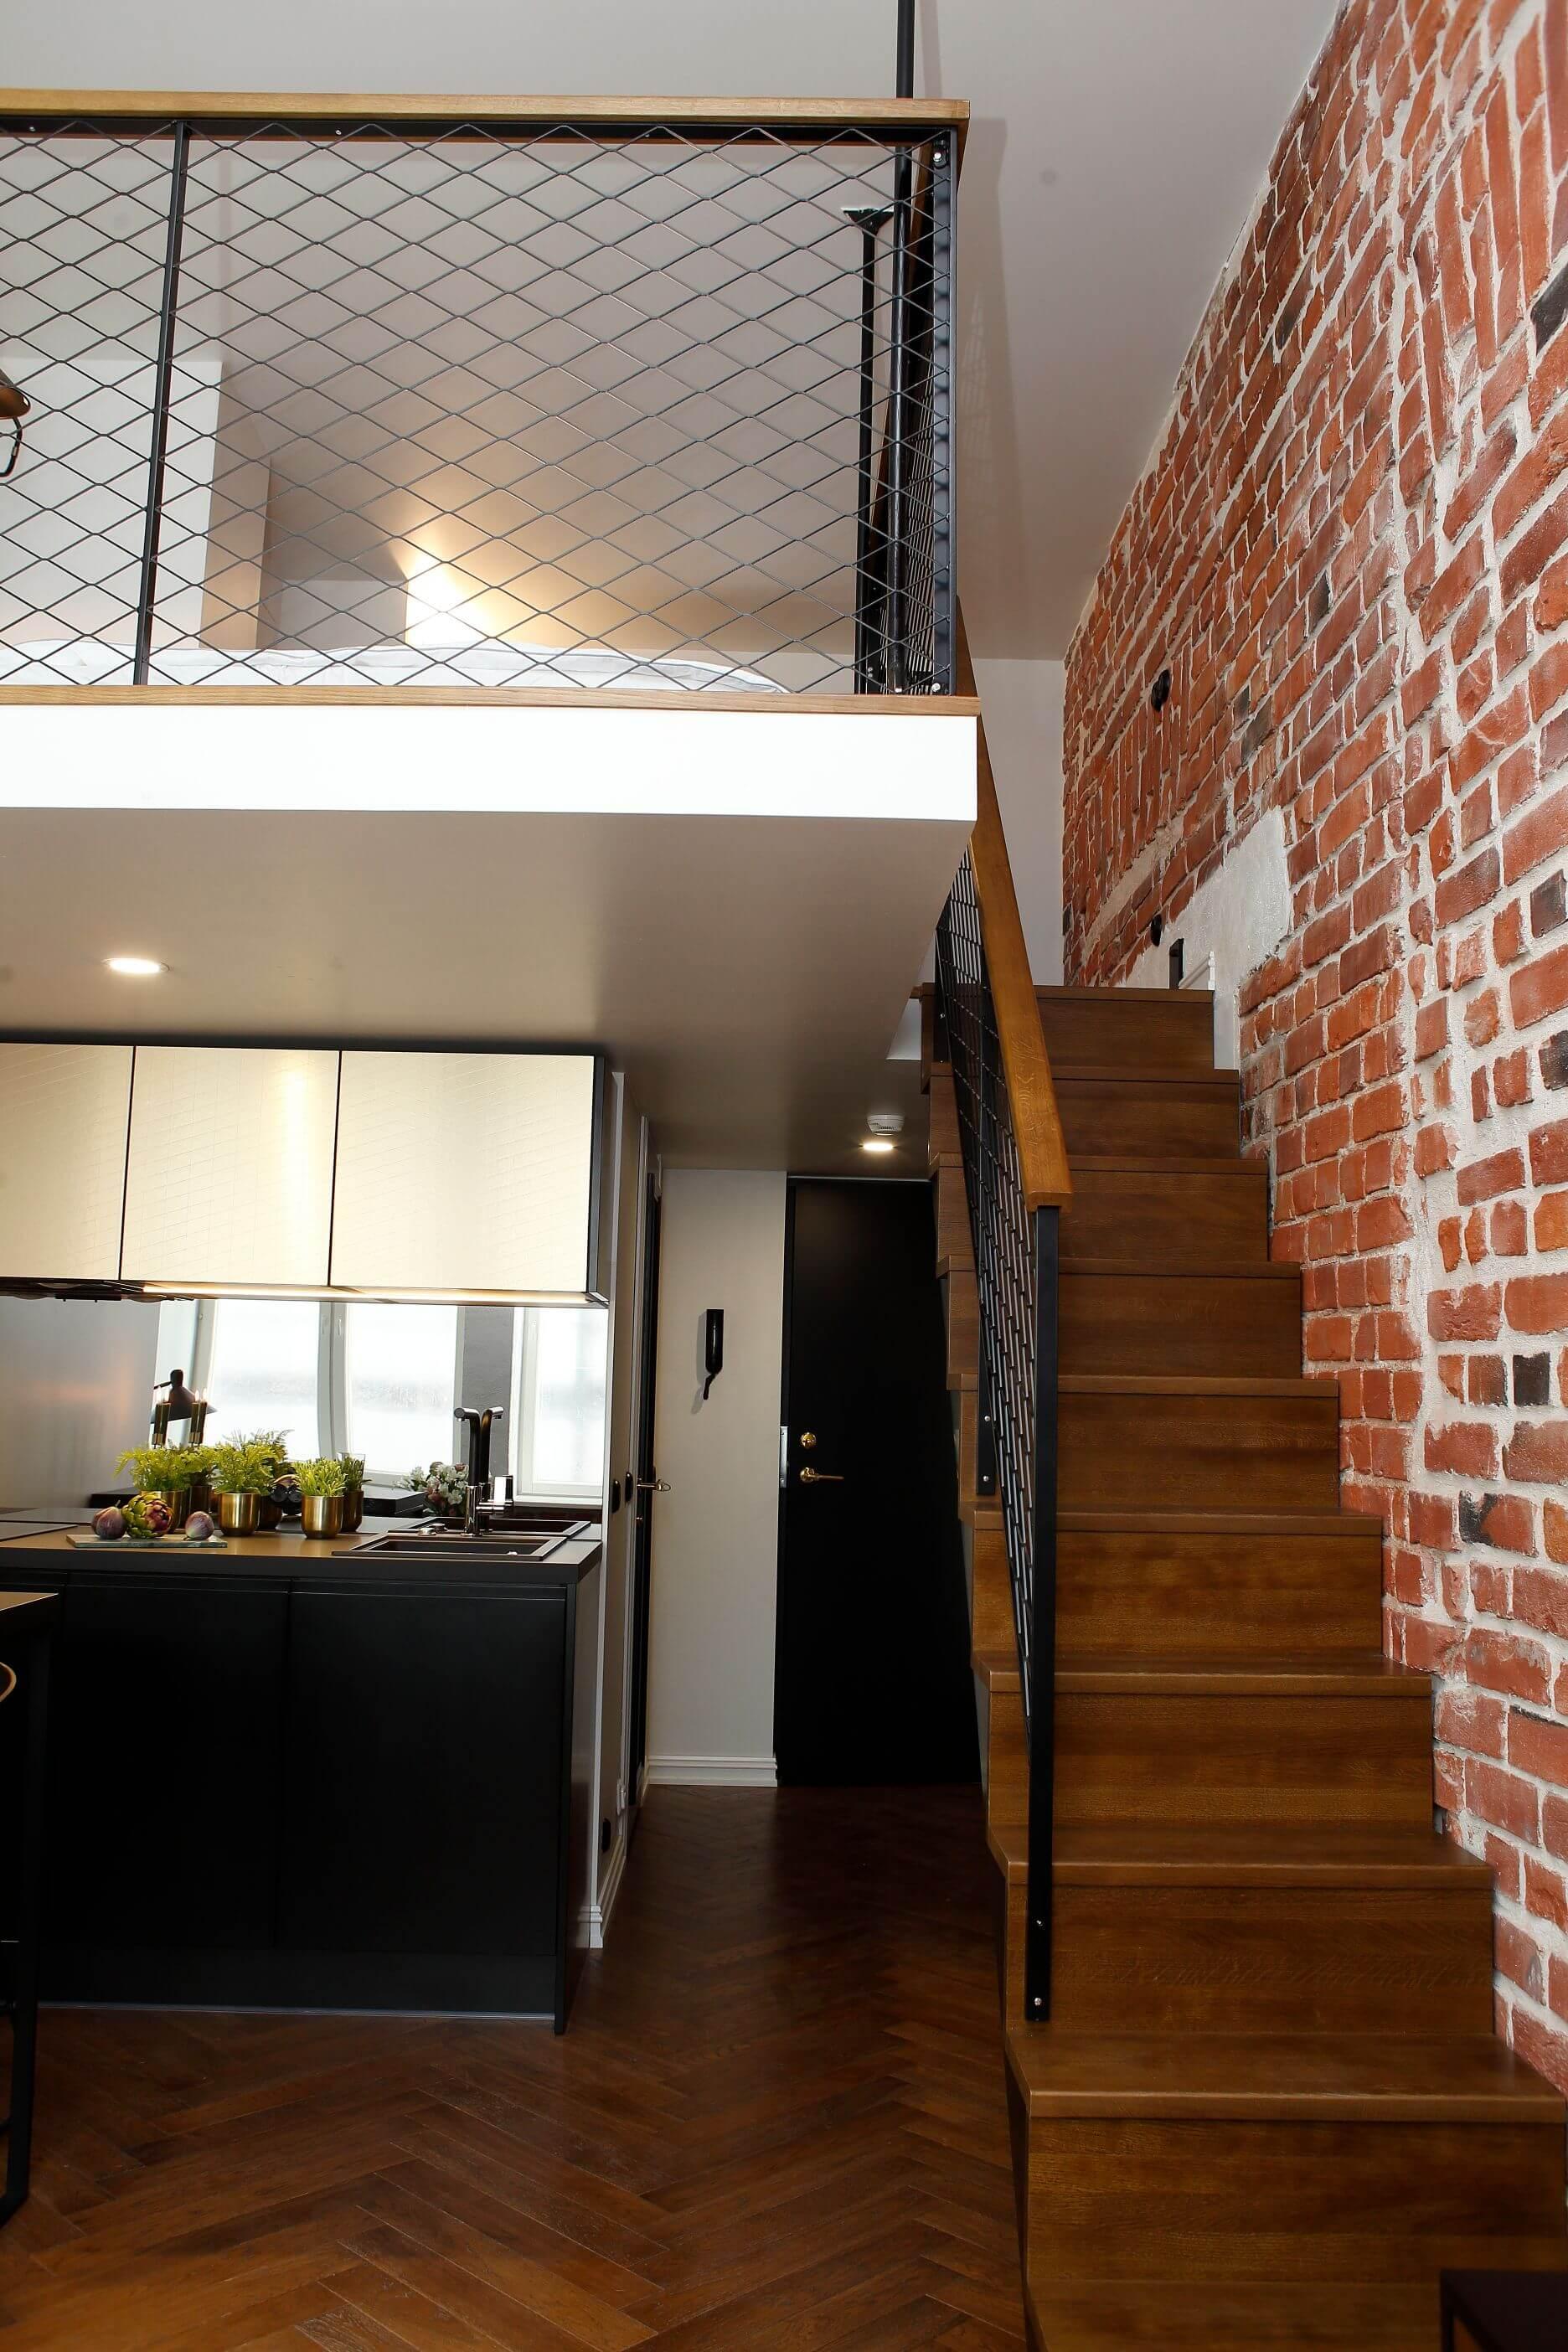 loft, minikorter, mikrokorter, väike korter köök eritellimusel sisustusproff